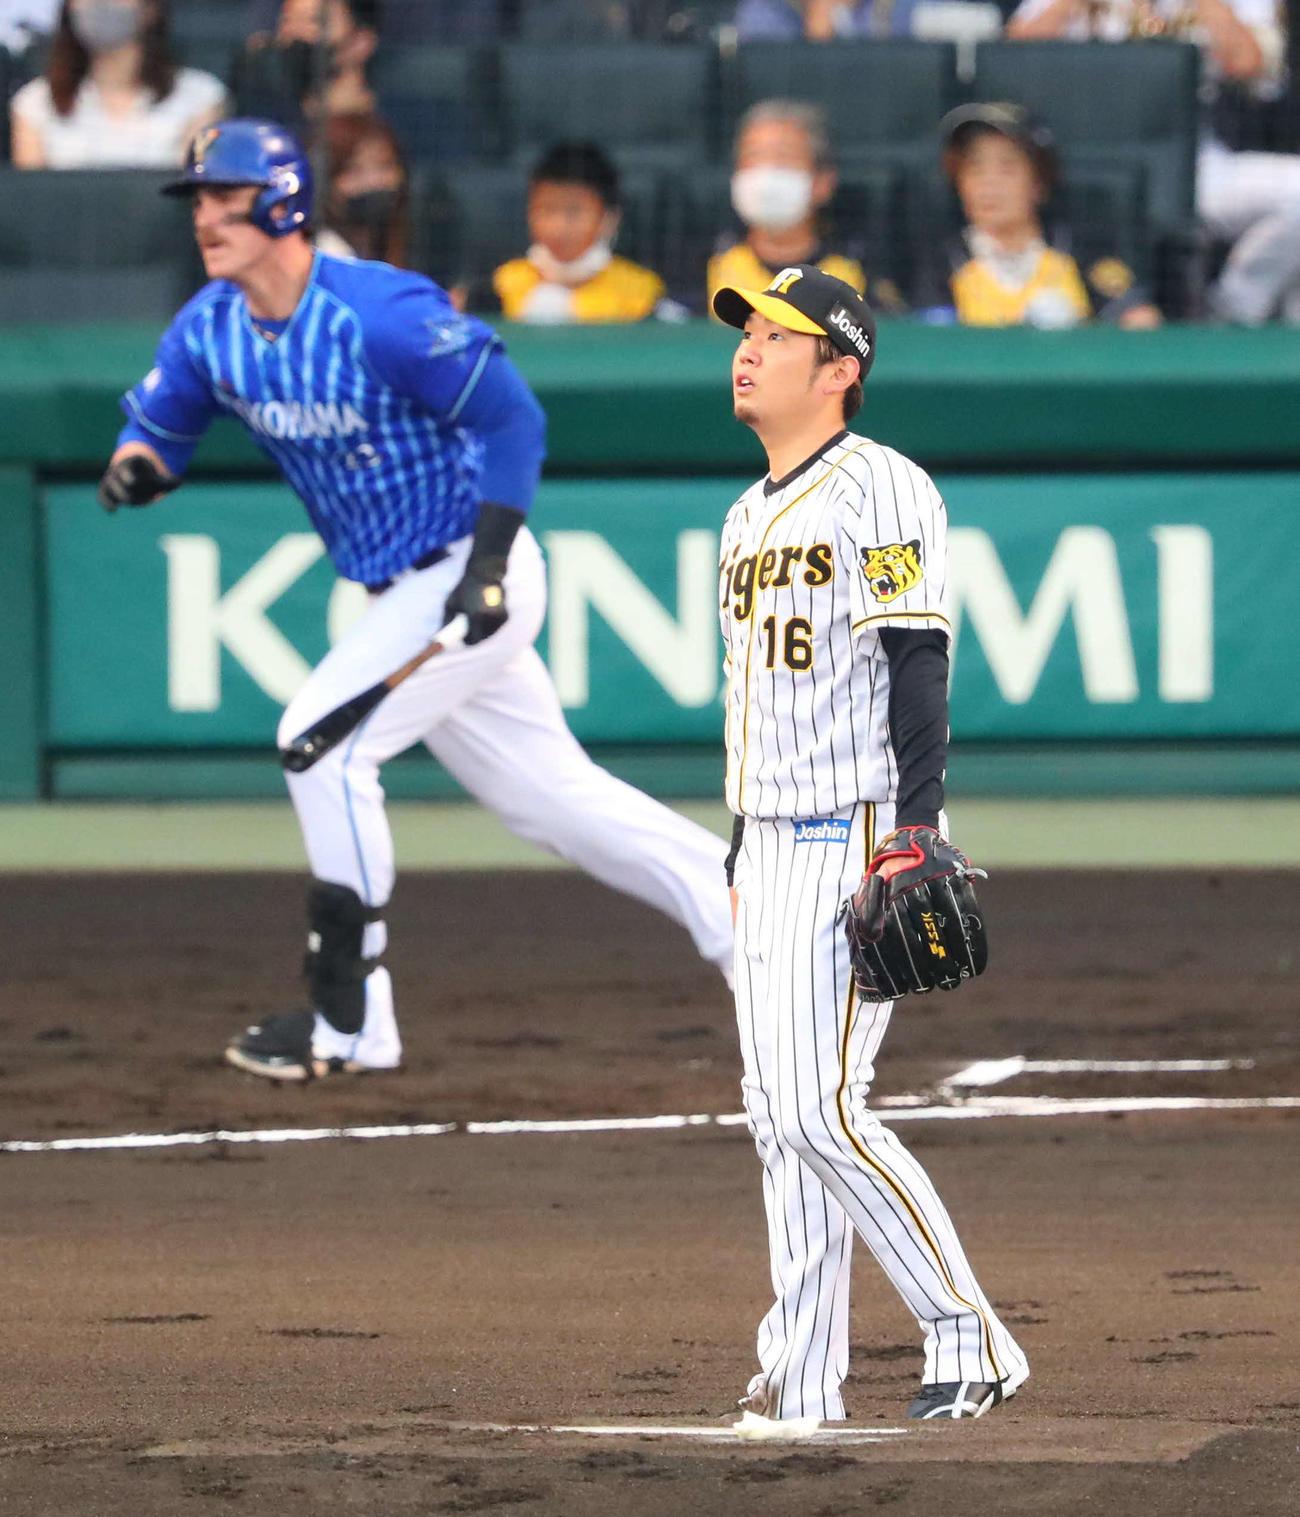 阪神対DeNA 1回表DeNA2死三塁、西勇はオースティンに右越え先制2点本塁打を浴びる(撮影・宮崎幸一)